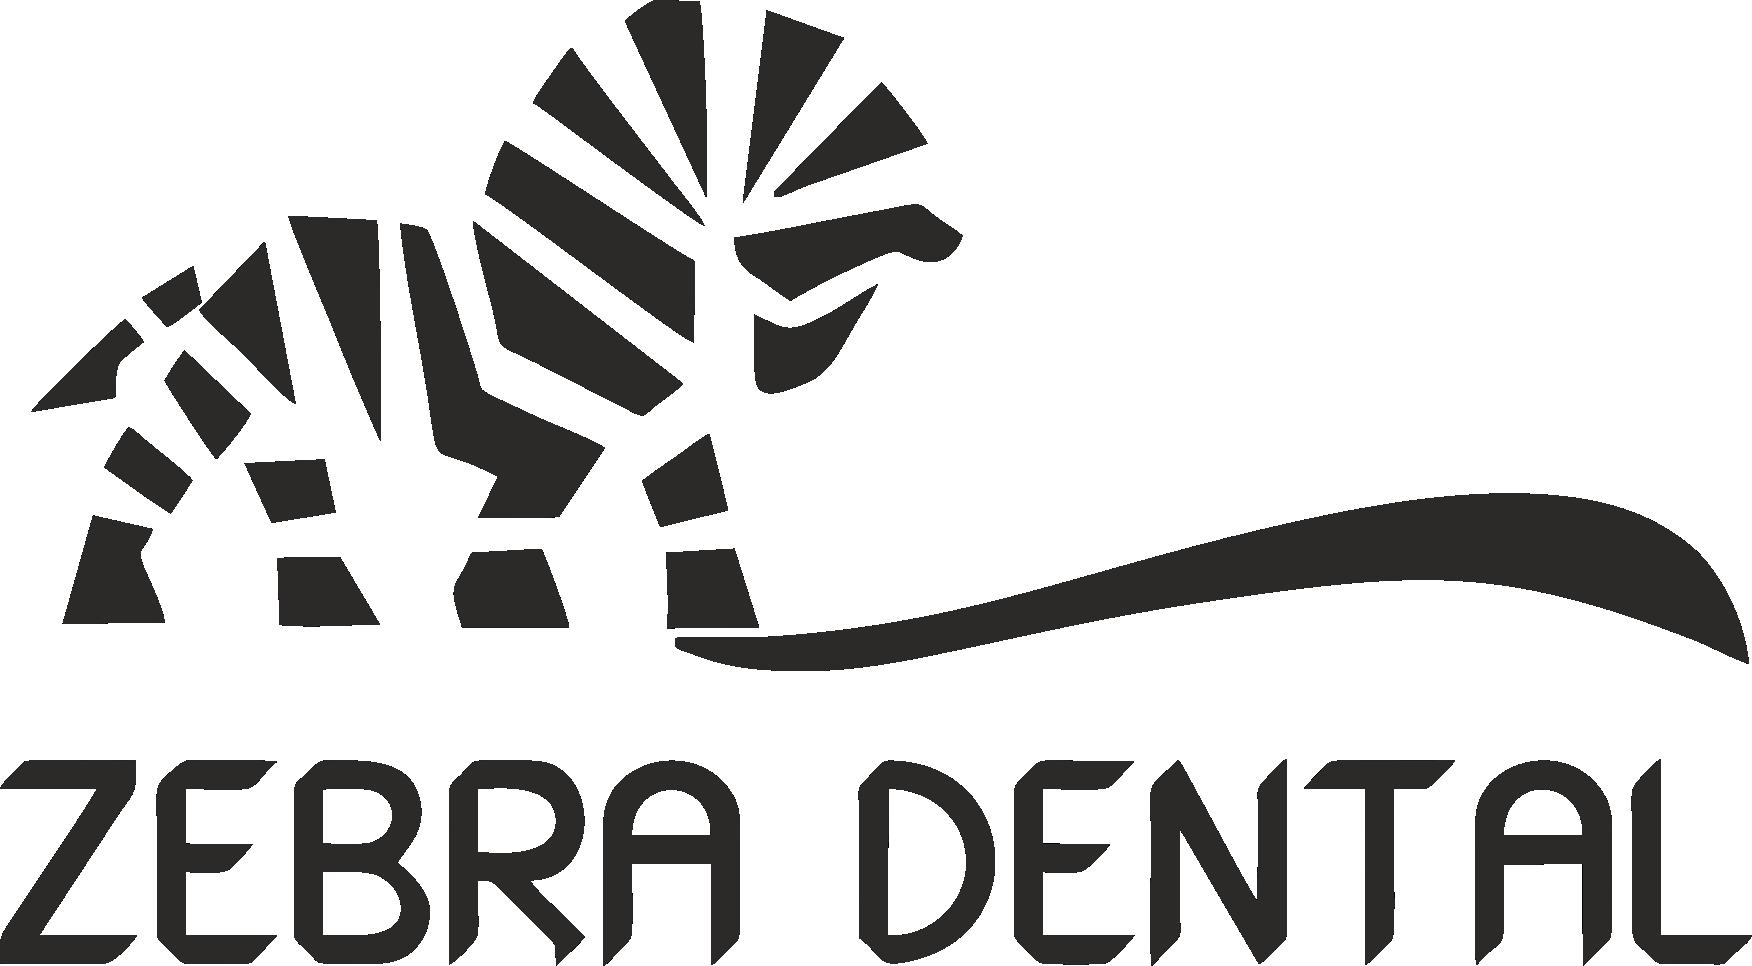 Zebra Dental